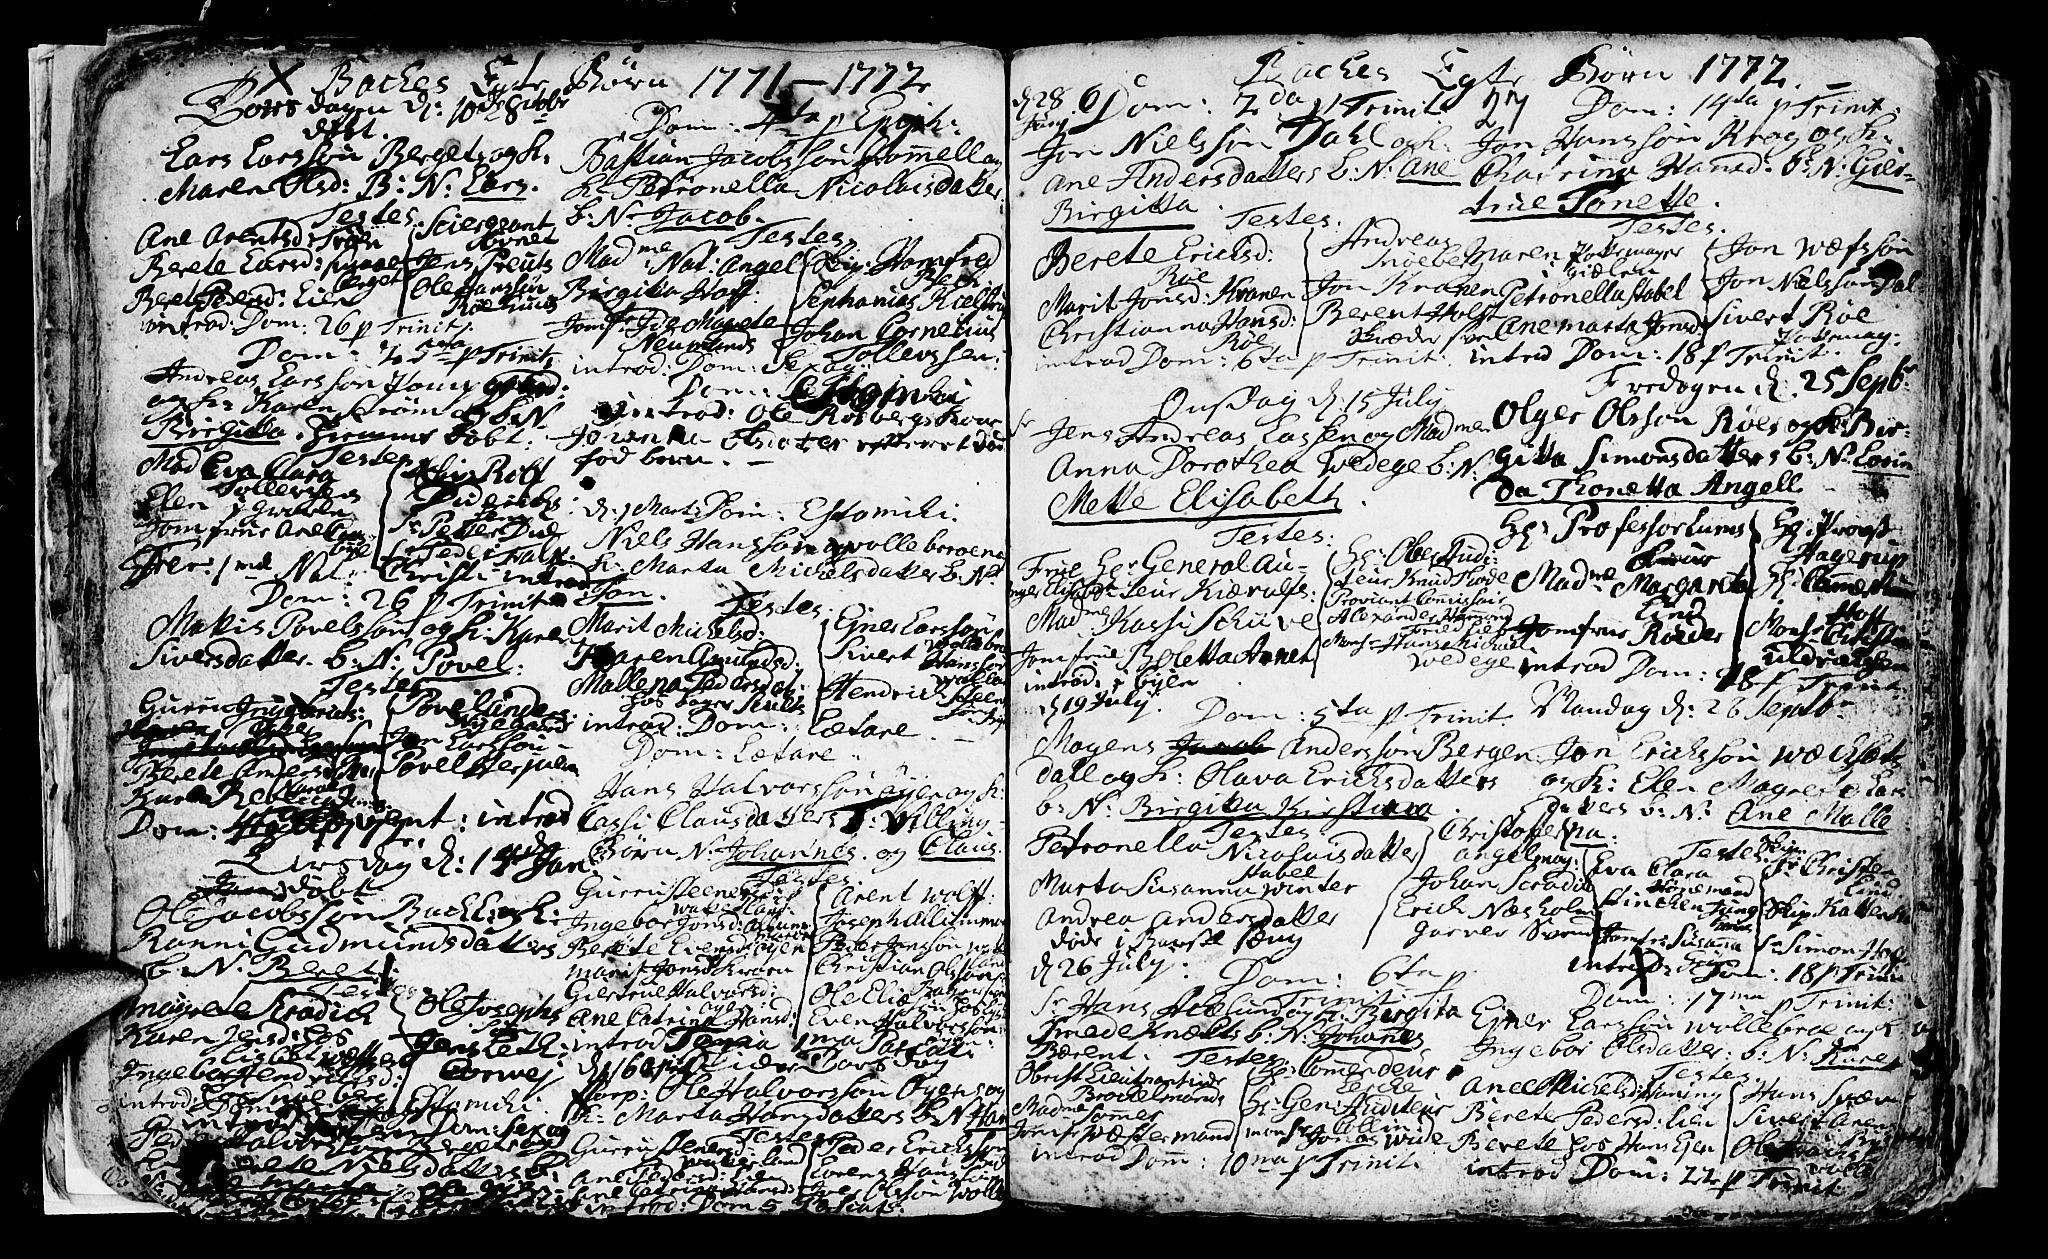 SAT, Ministerialprotokoller, klokkerbøker og fødselsregistre - Sør-Trøndelag, 604/L0218: Klokkerbok nr. 604C01, 1754-1819, s. 27